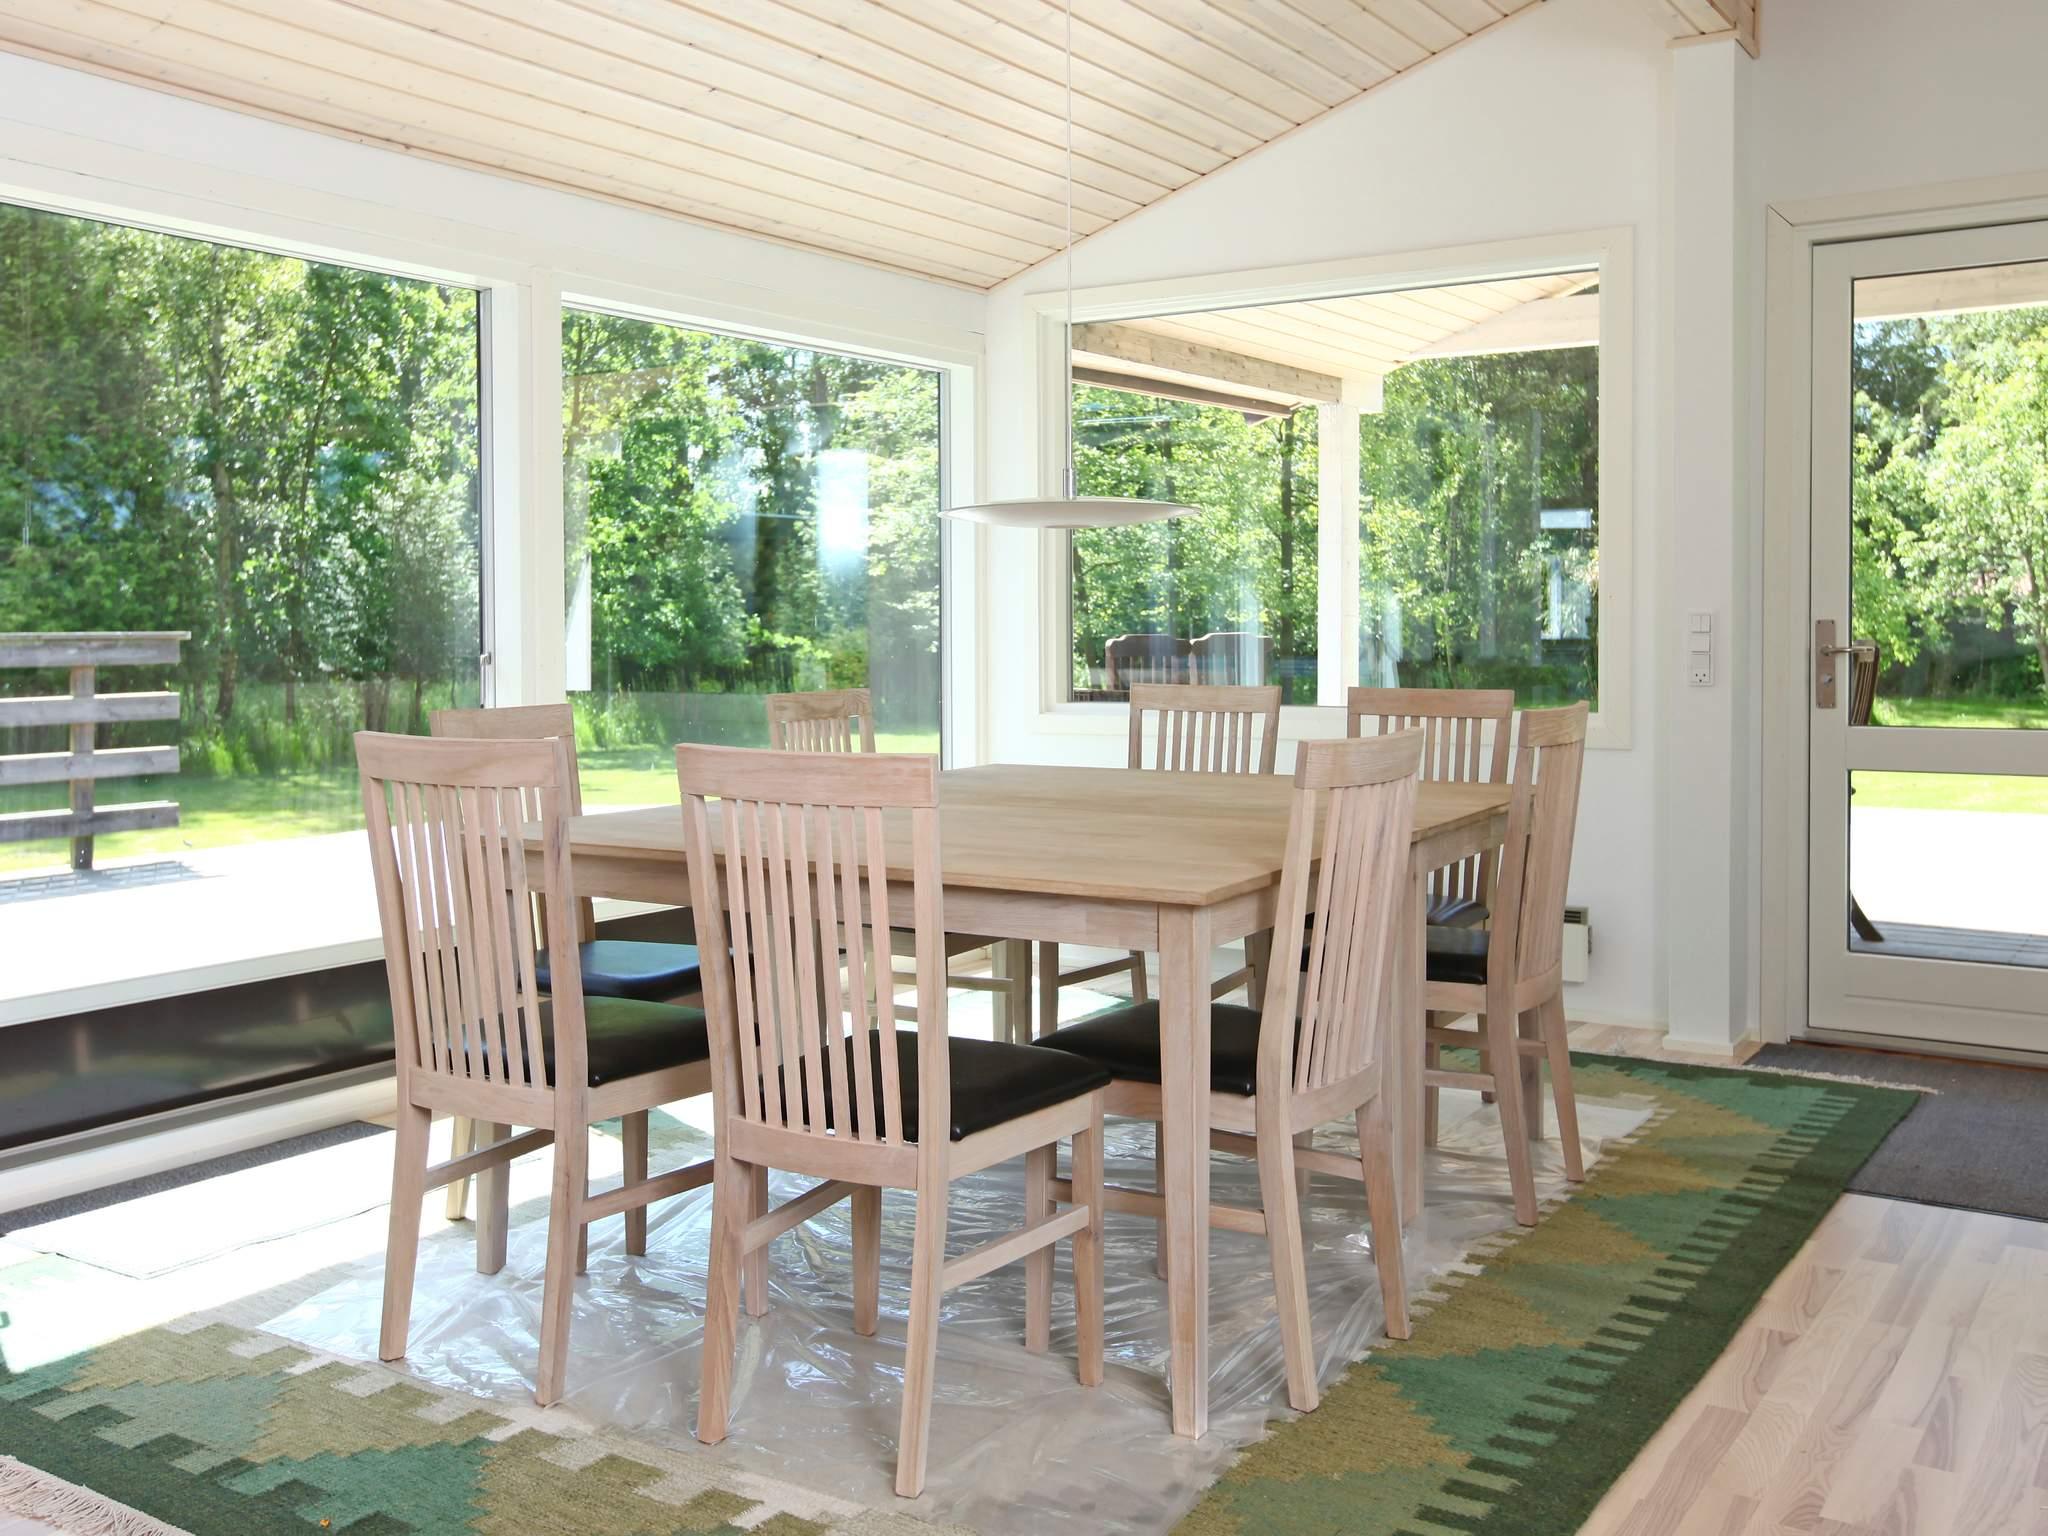 Maison de vacances Hummingen (89267), Hummingen, , Lolland, Danemark, image 13